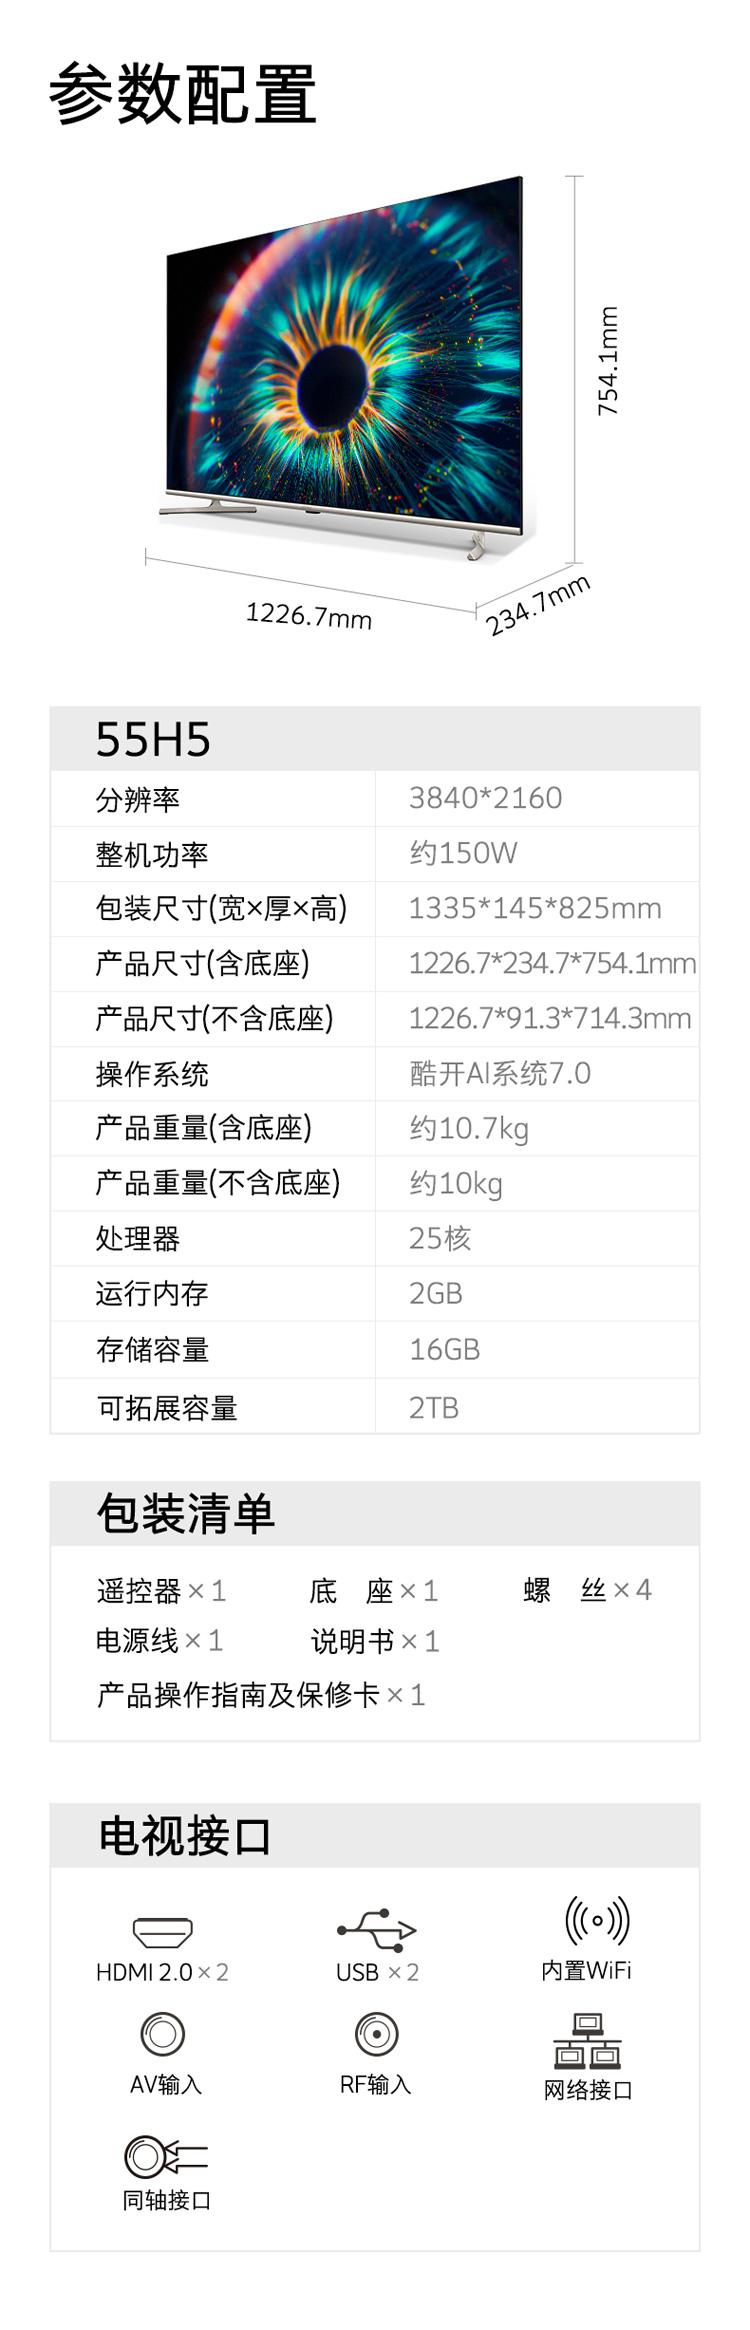 55H5参数750.jpg